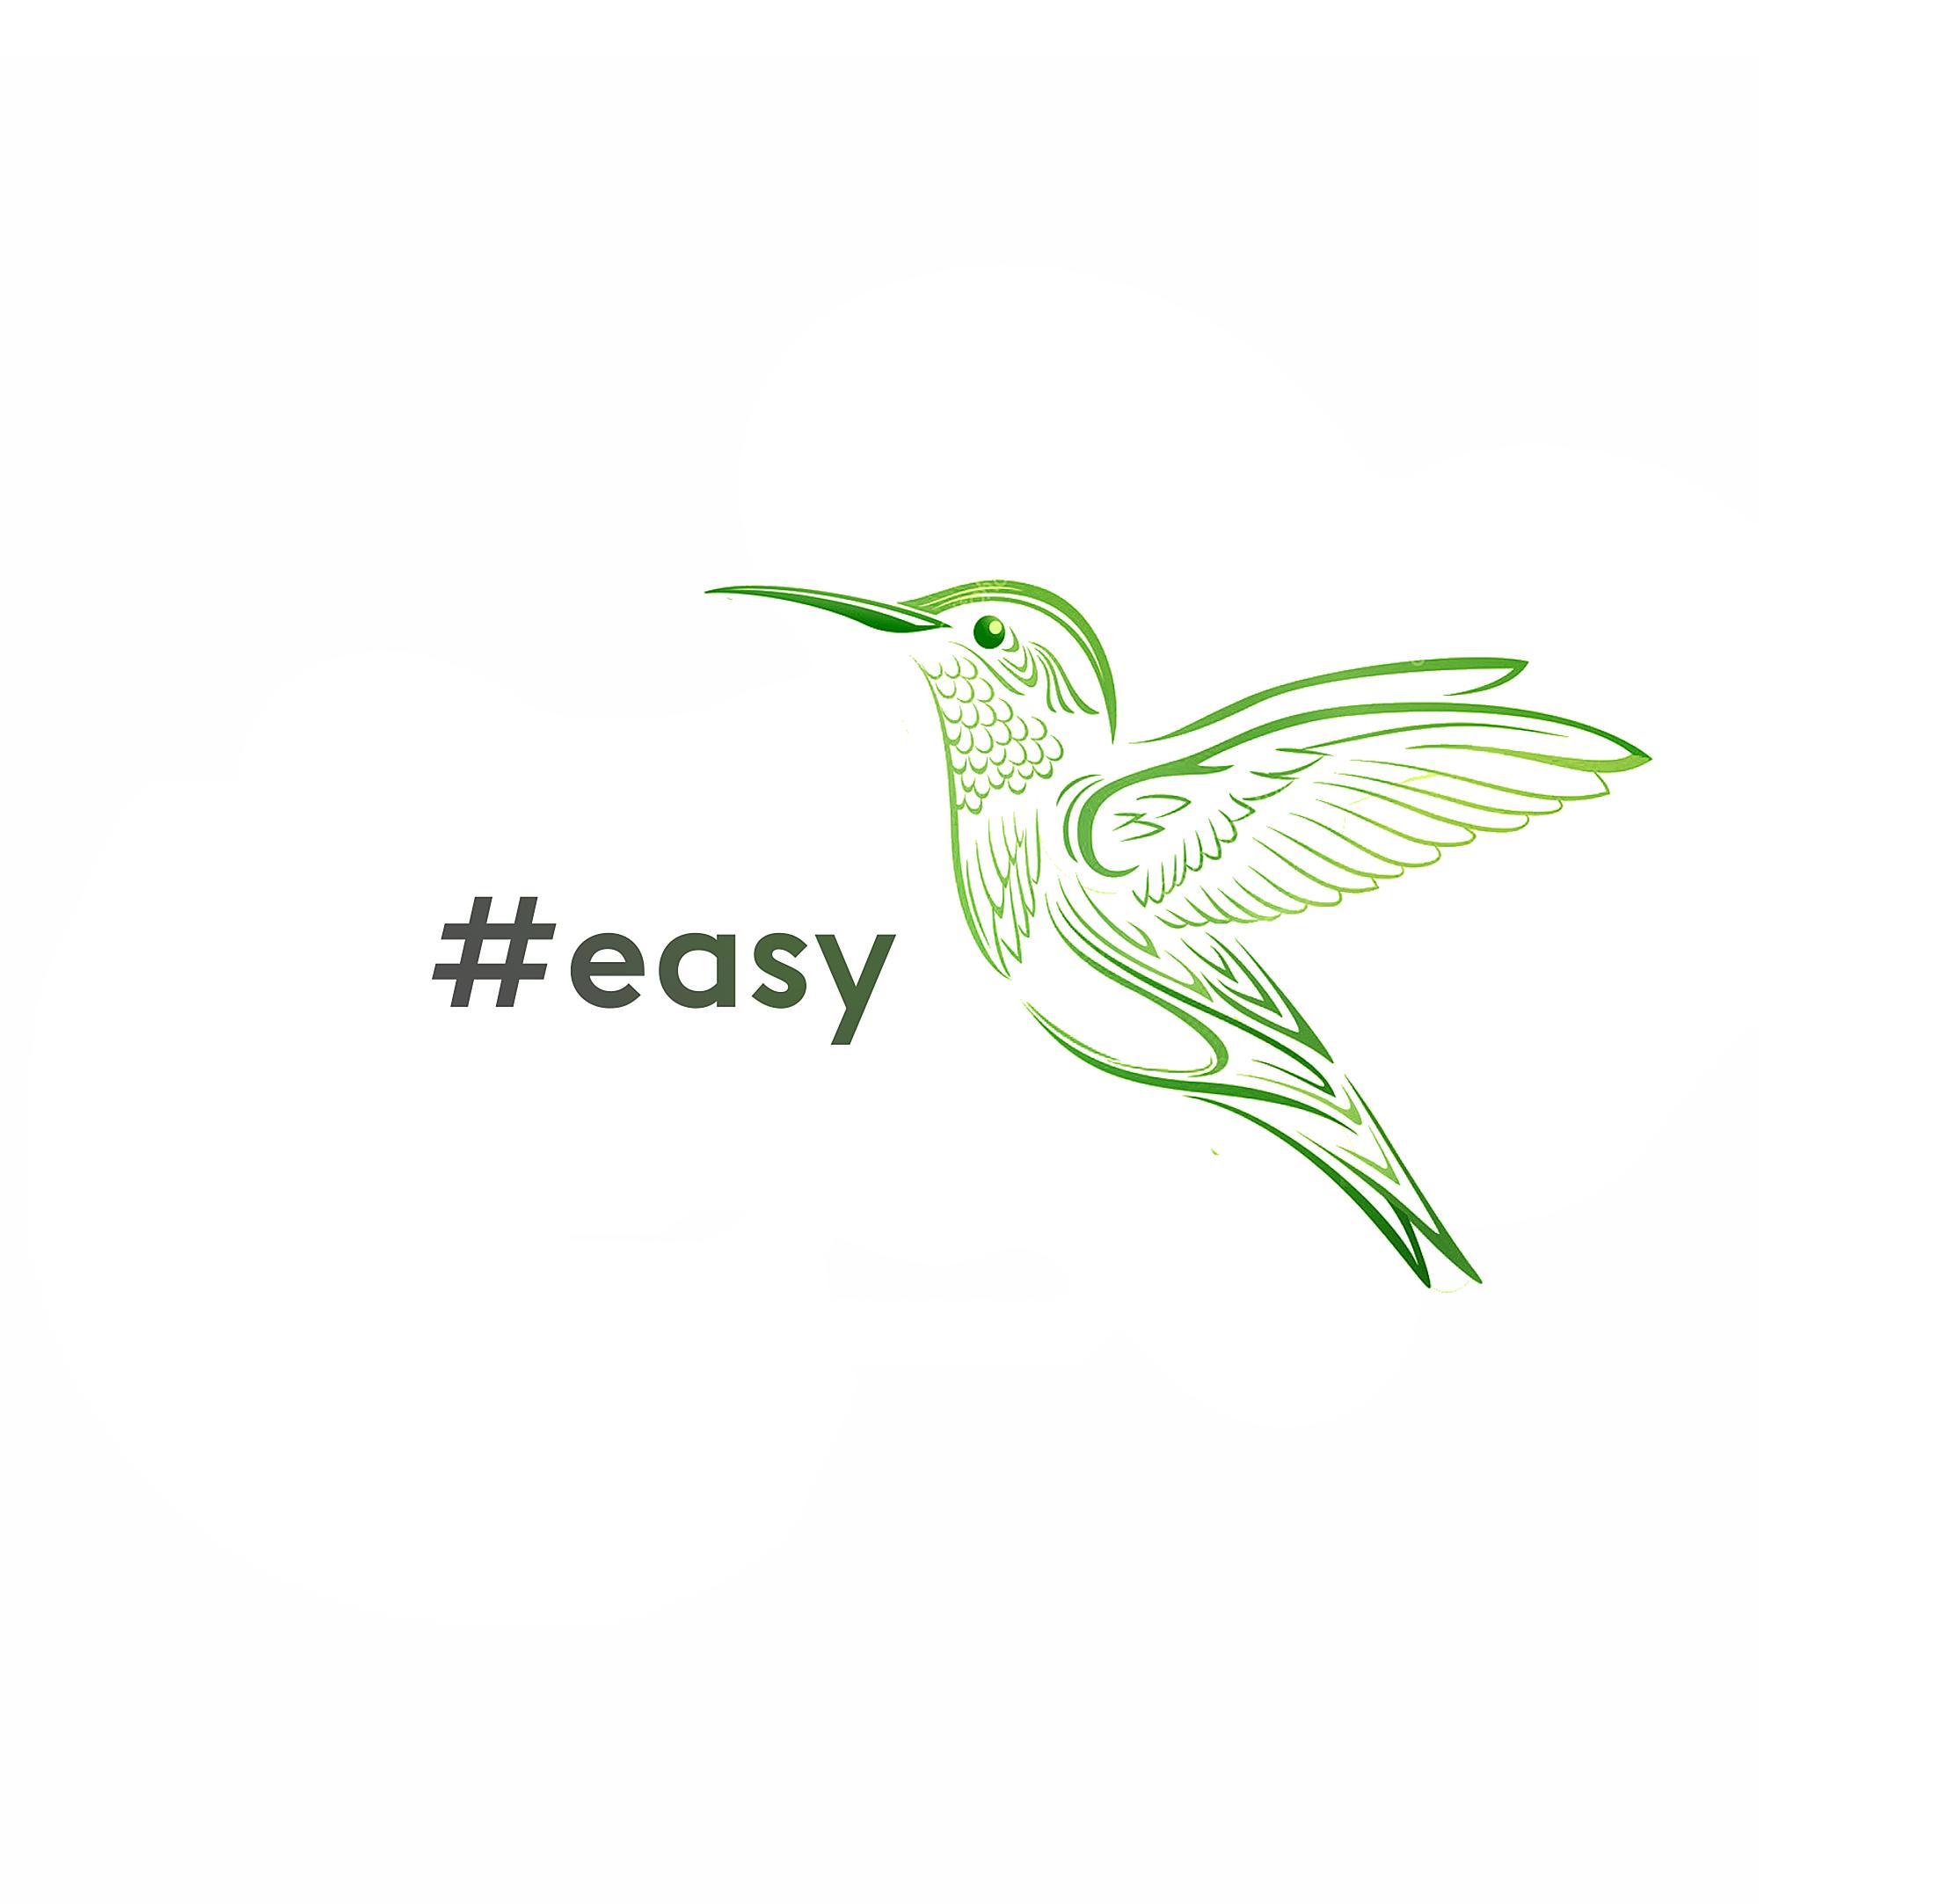 Разработка логотипа в виде хэштега #easy с зеленой колибри  фото f_2275d4e7d0a73ec0.png